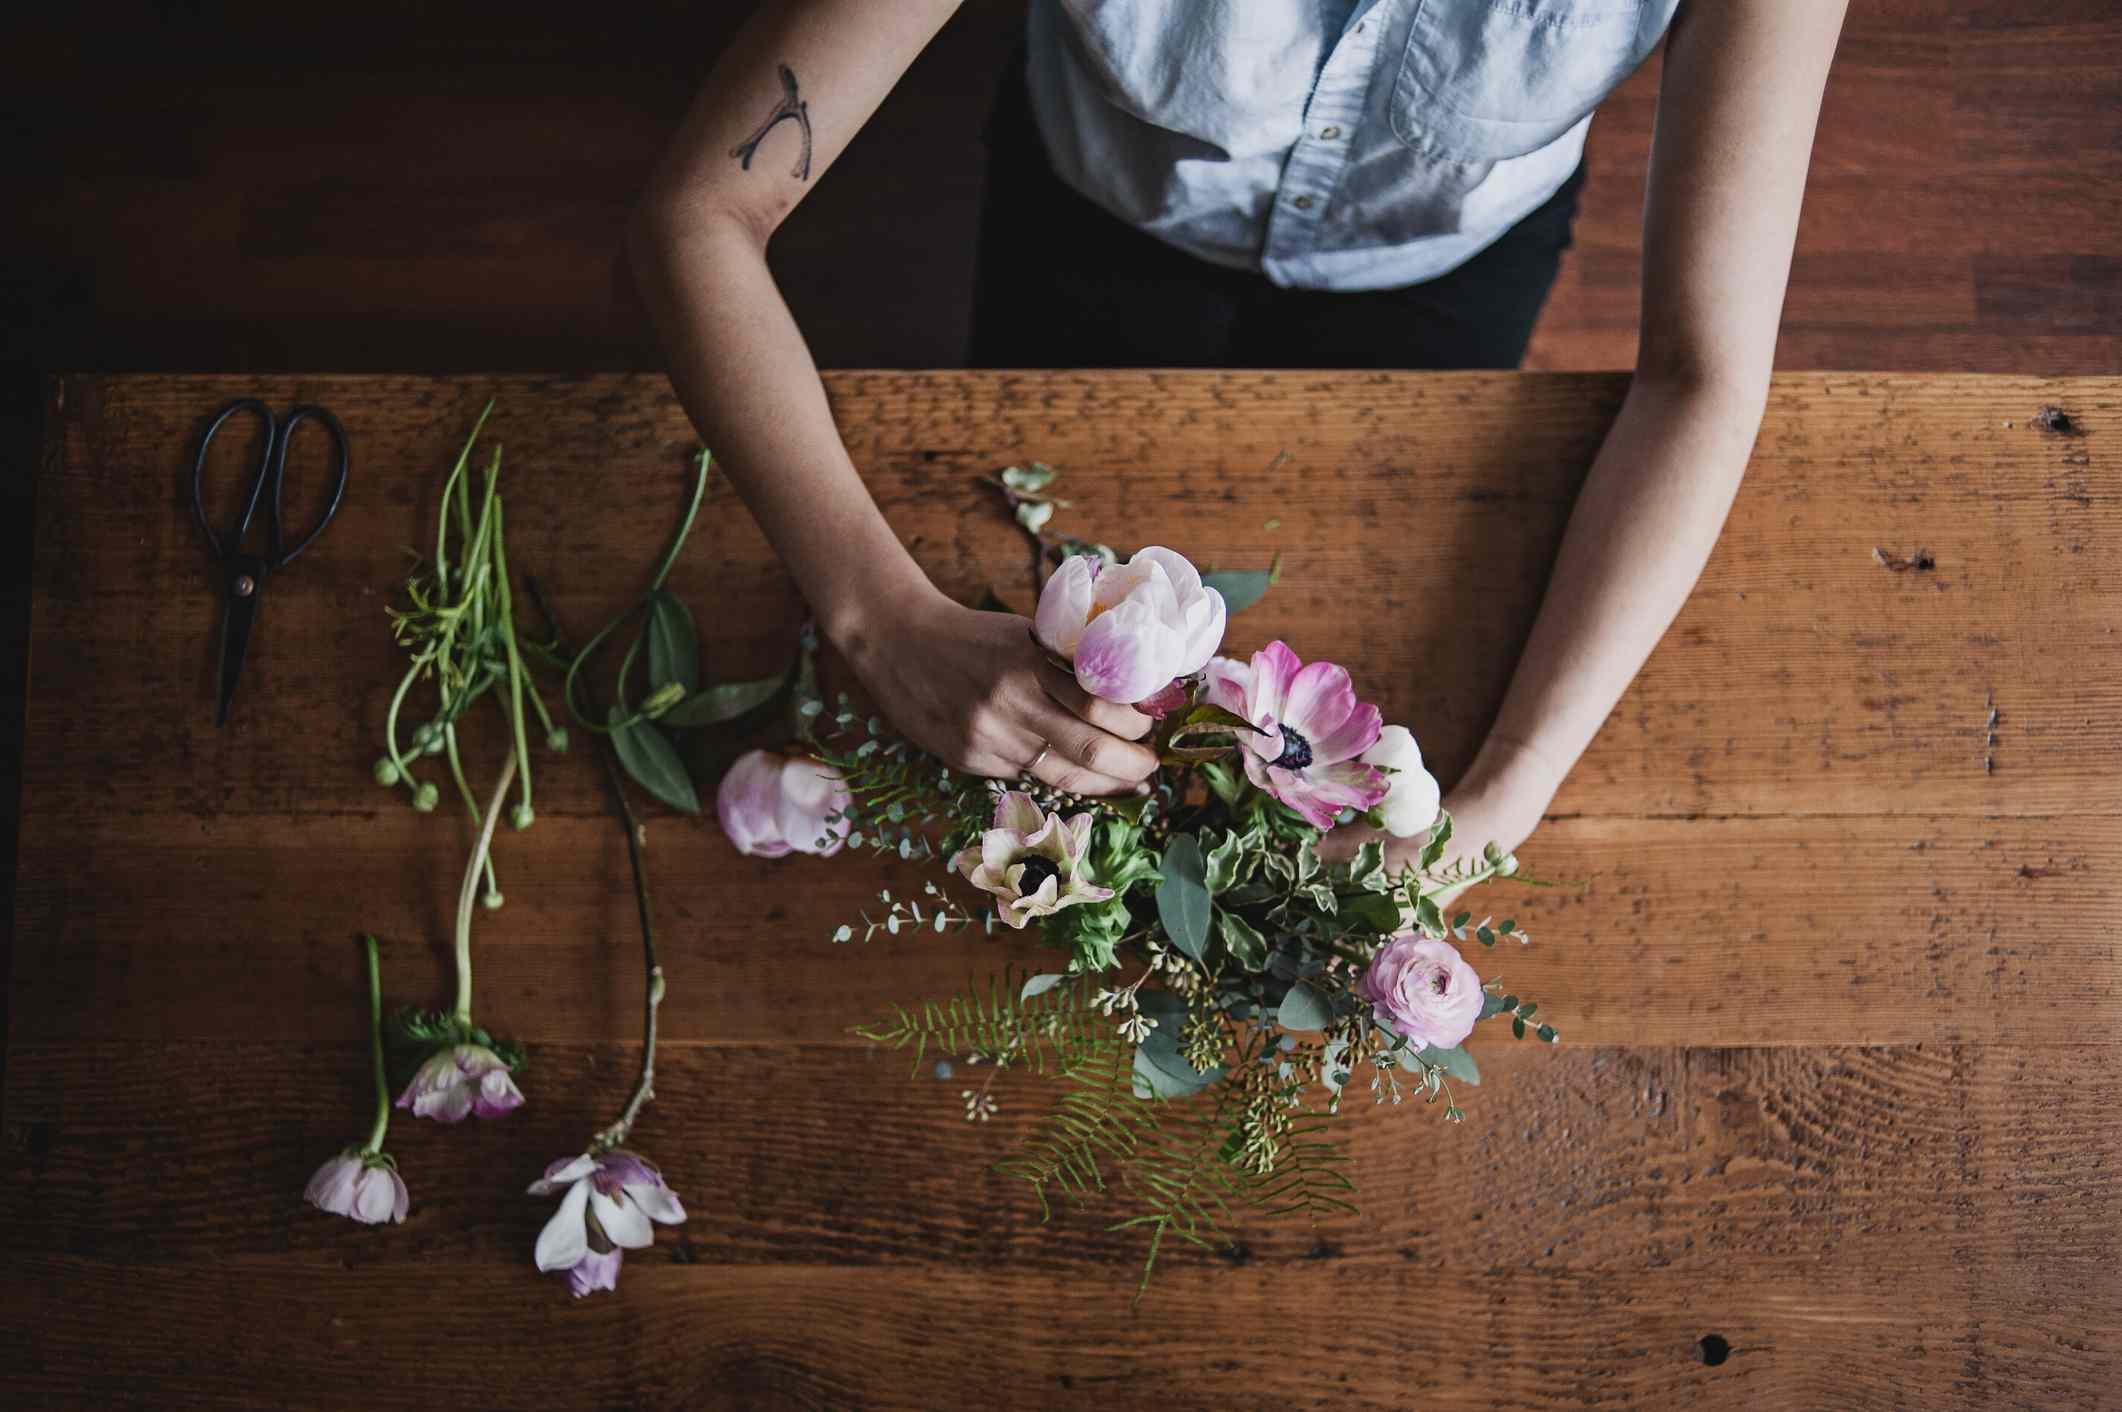 flower bouquet being arranged